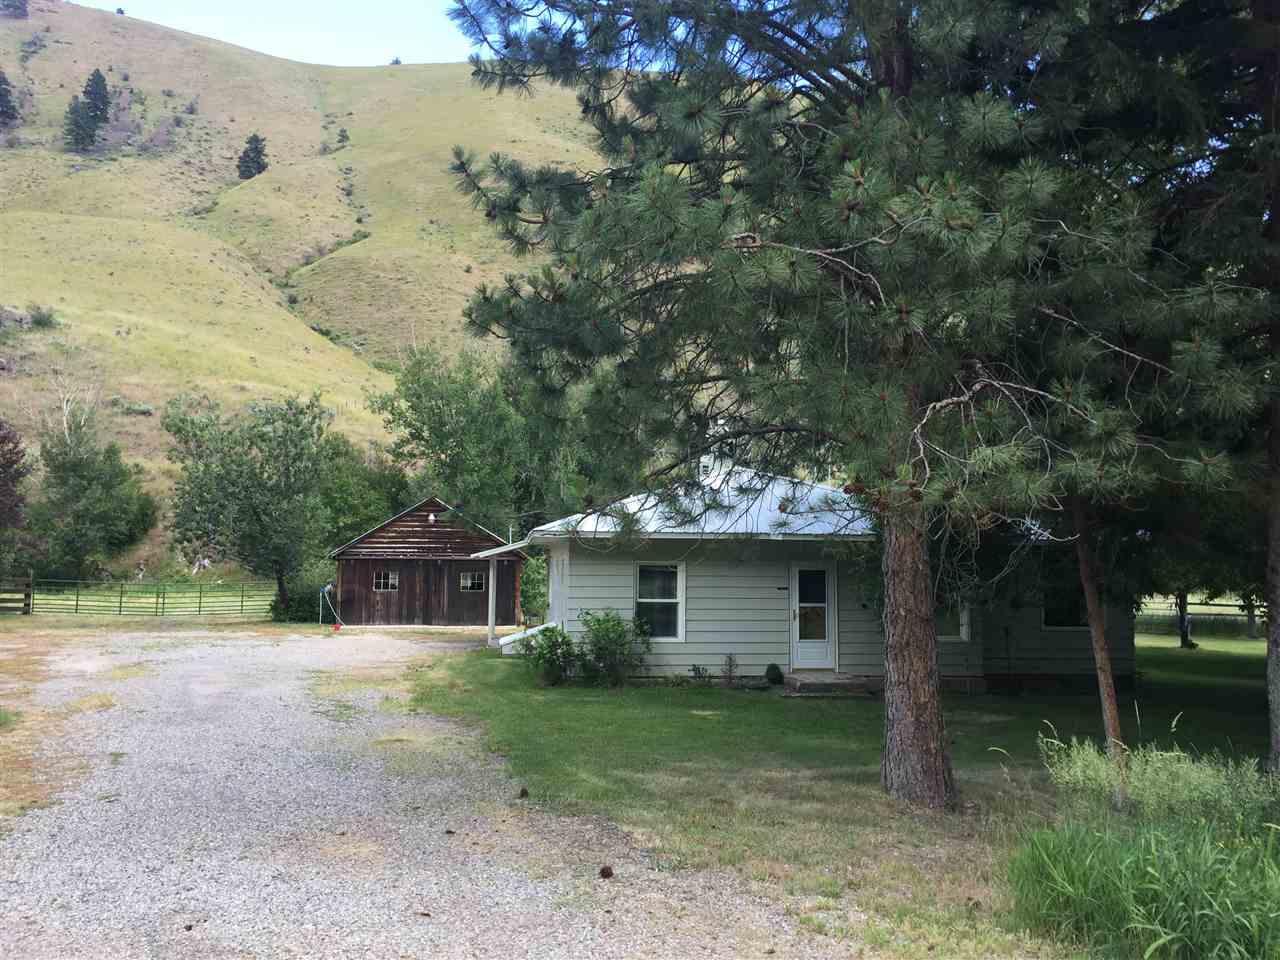 Casa Unifamiliar por un Venta en 2147 Highway 93 North 2147 Highway 93 North North Fork, Idaho 83466